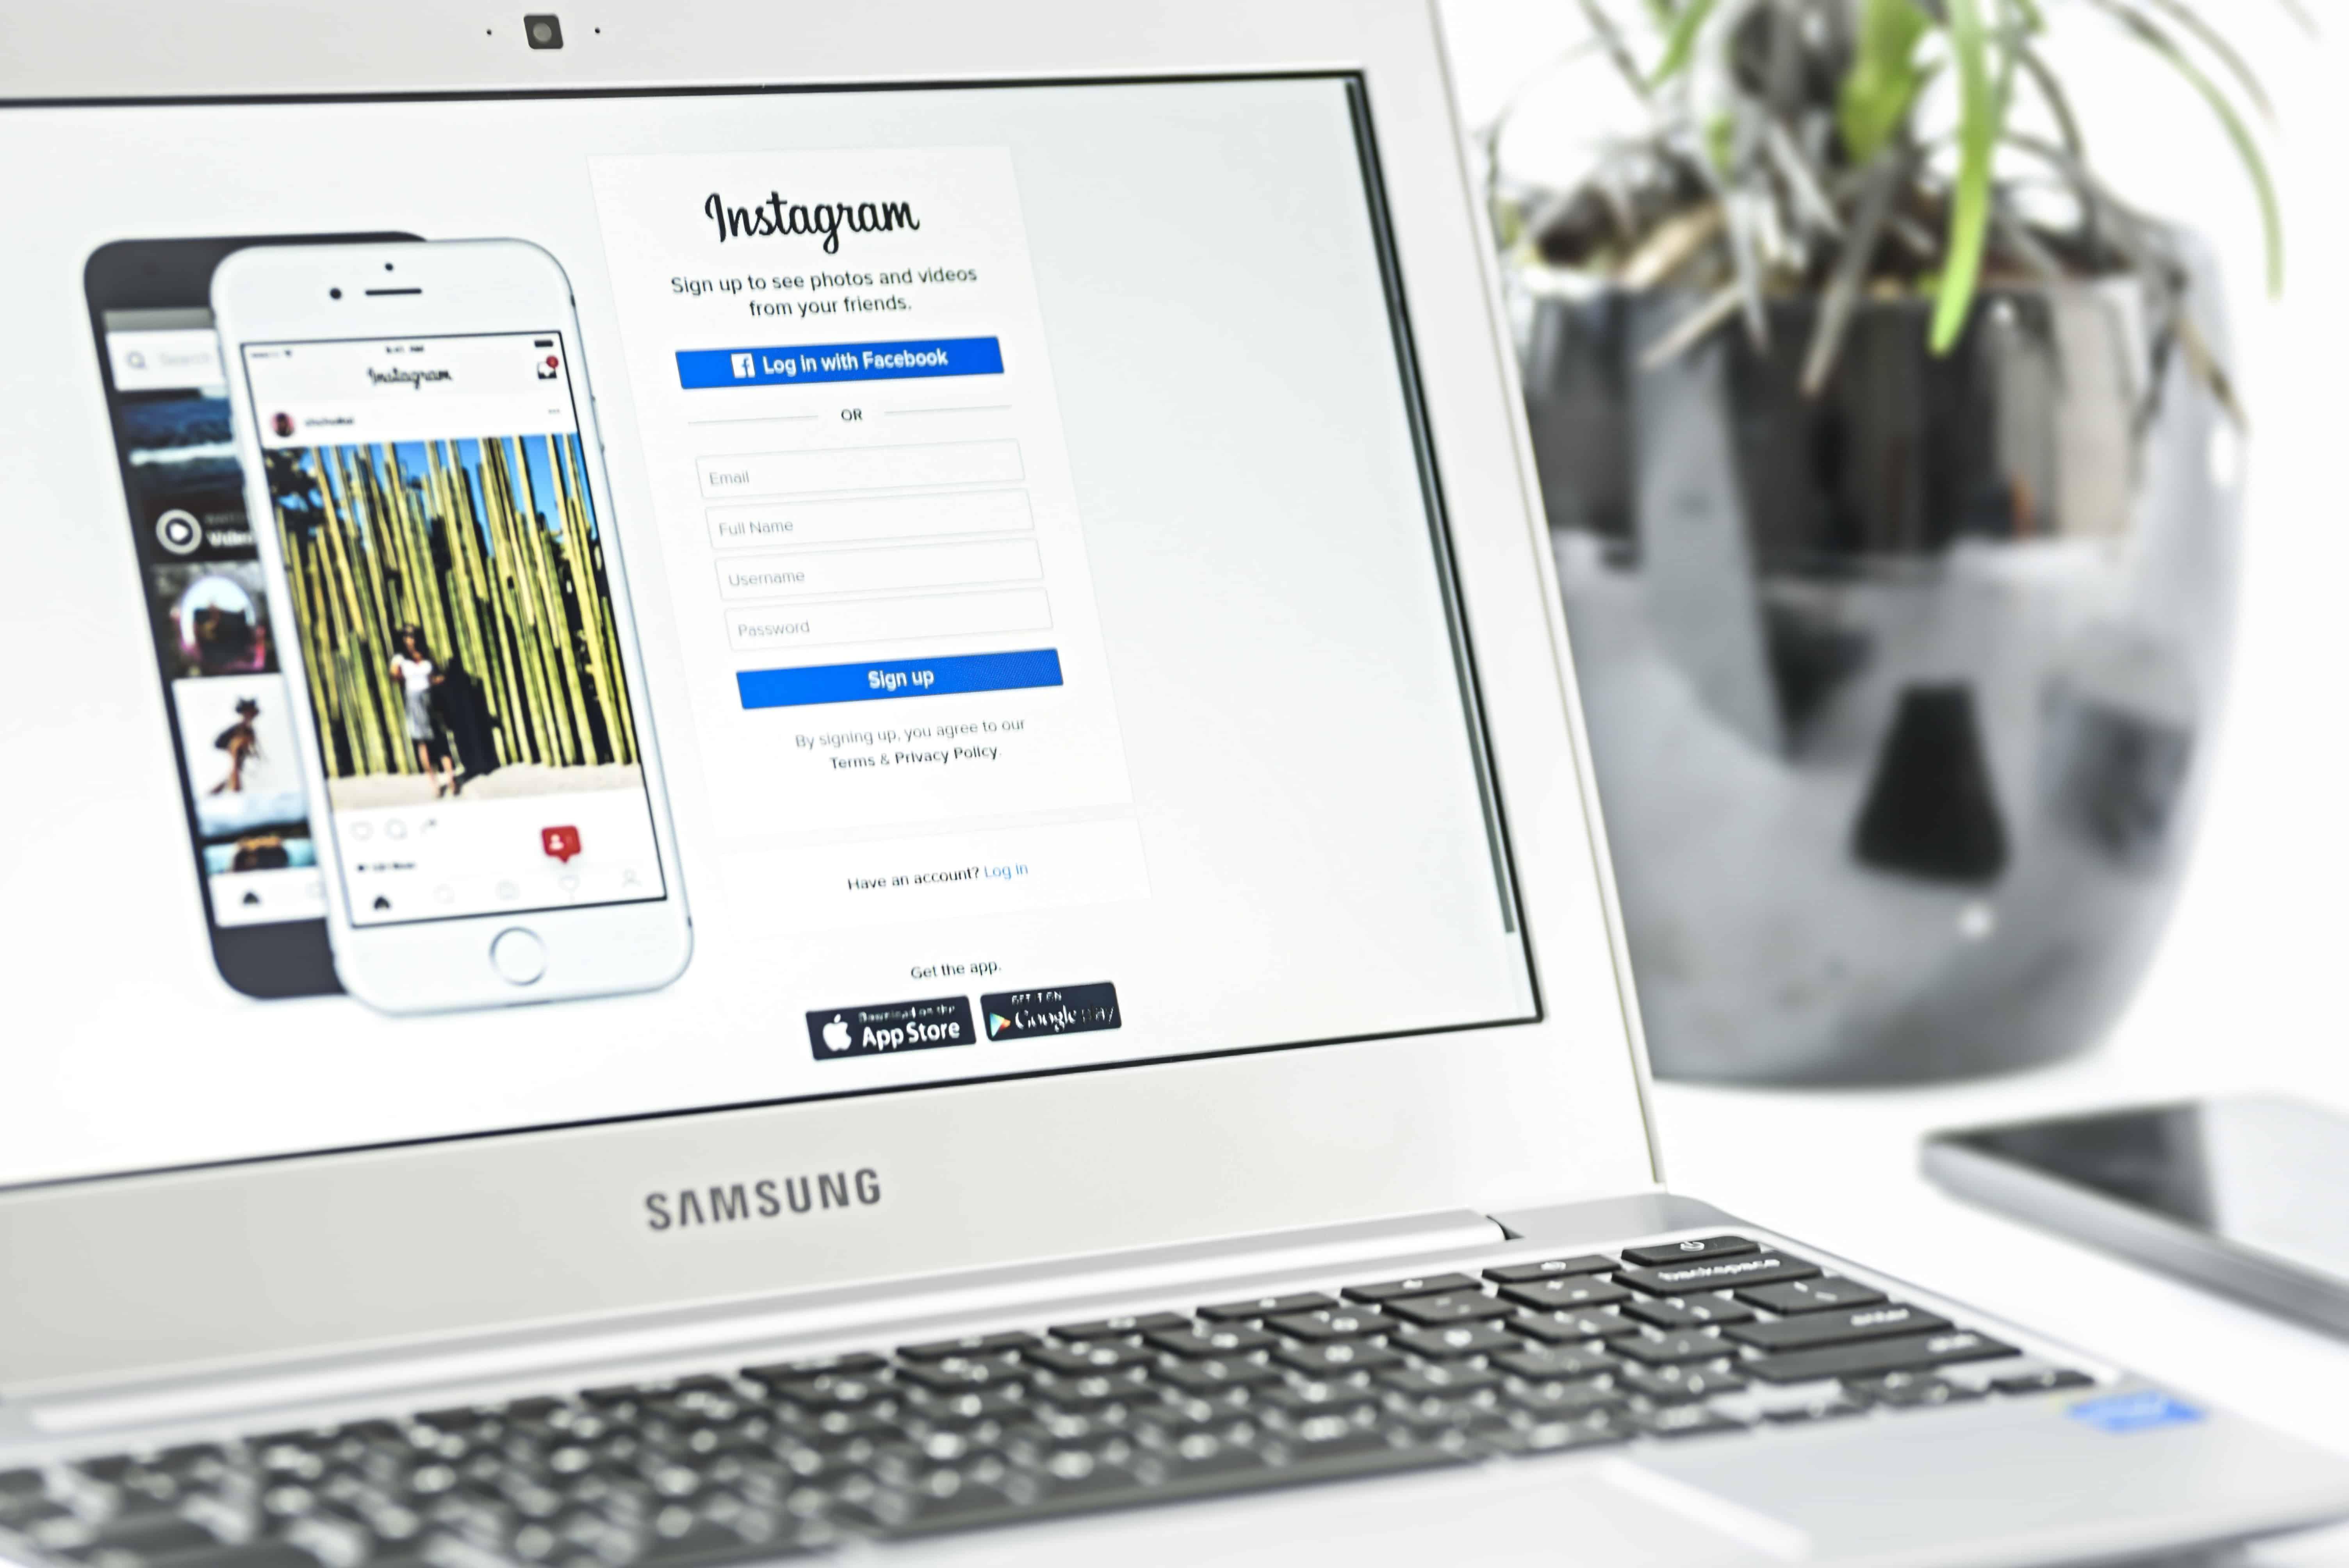 Using Instagram ~ Chill Digital Marketing